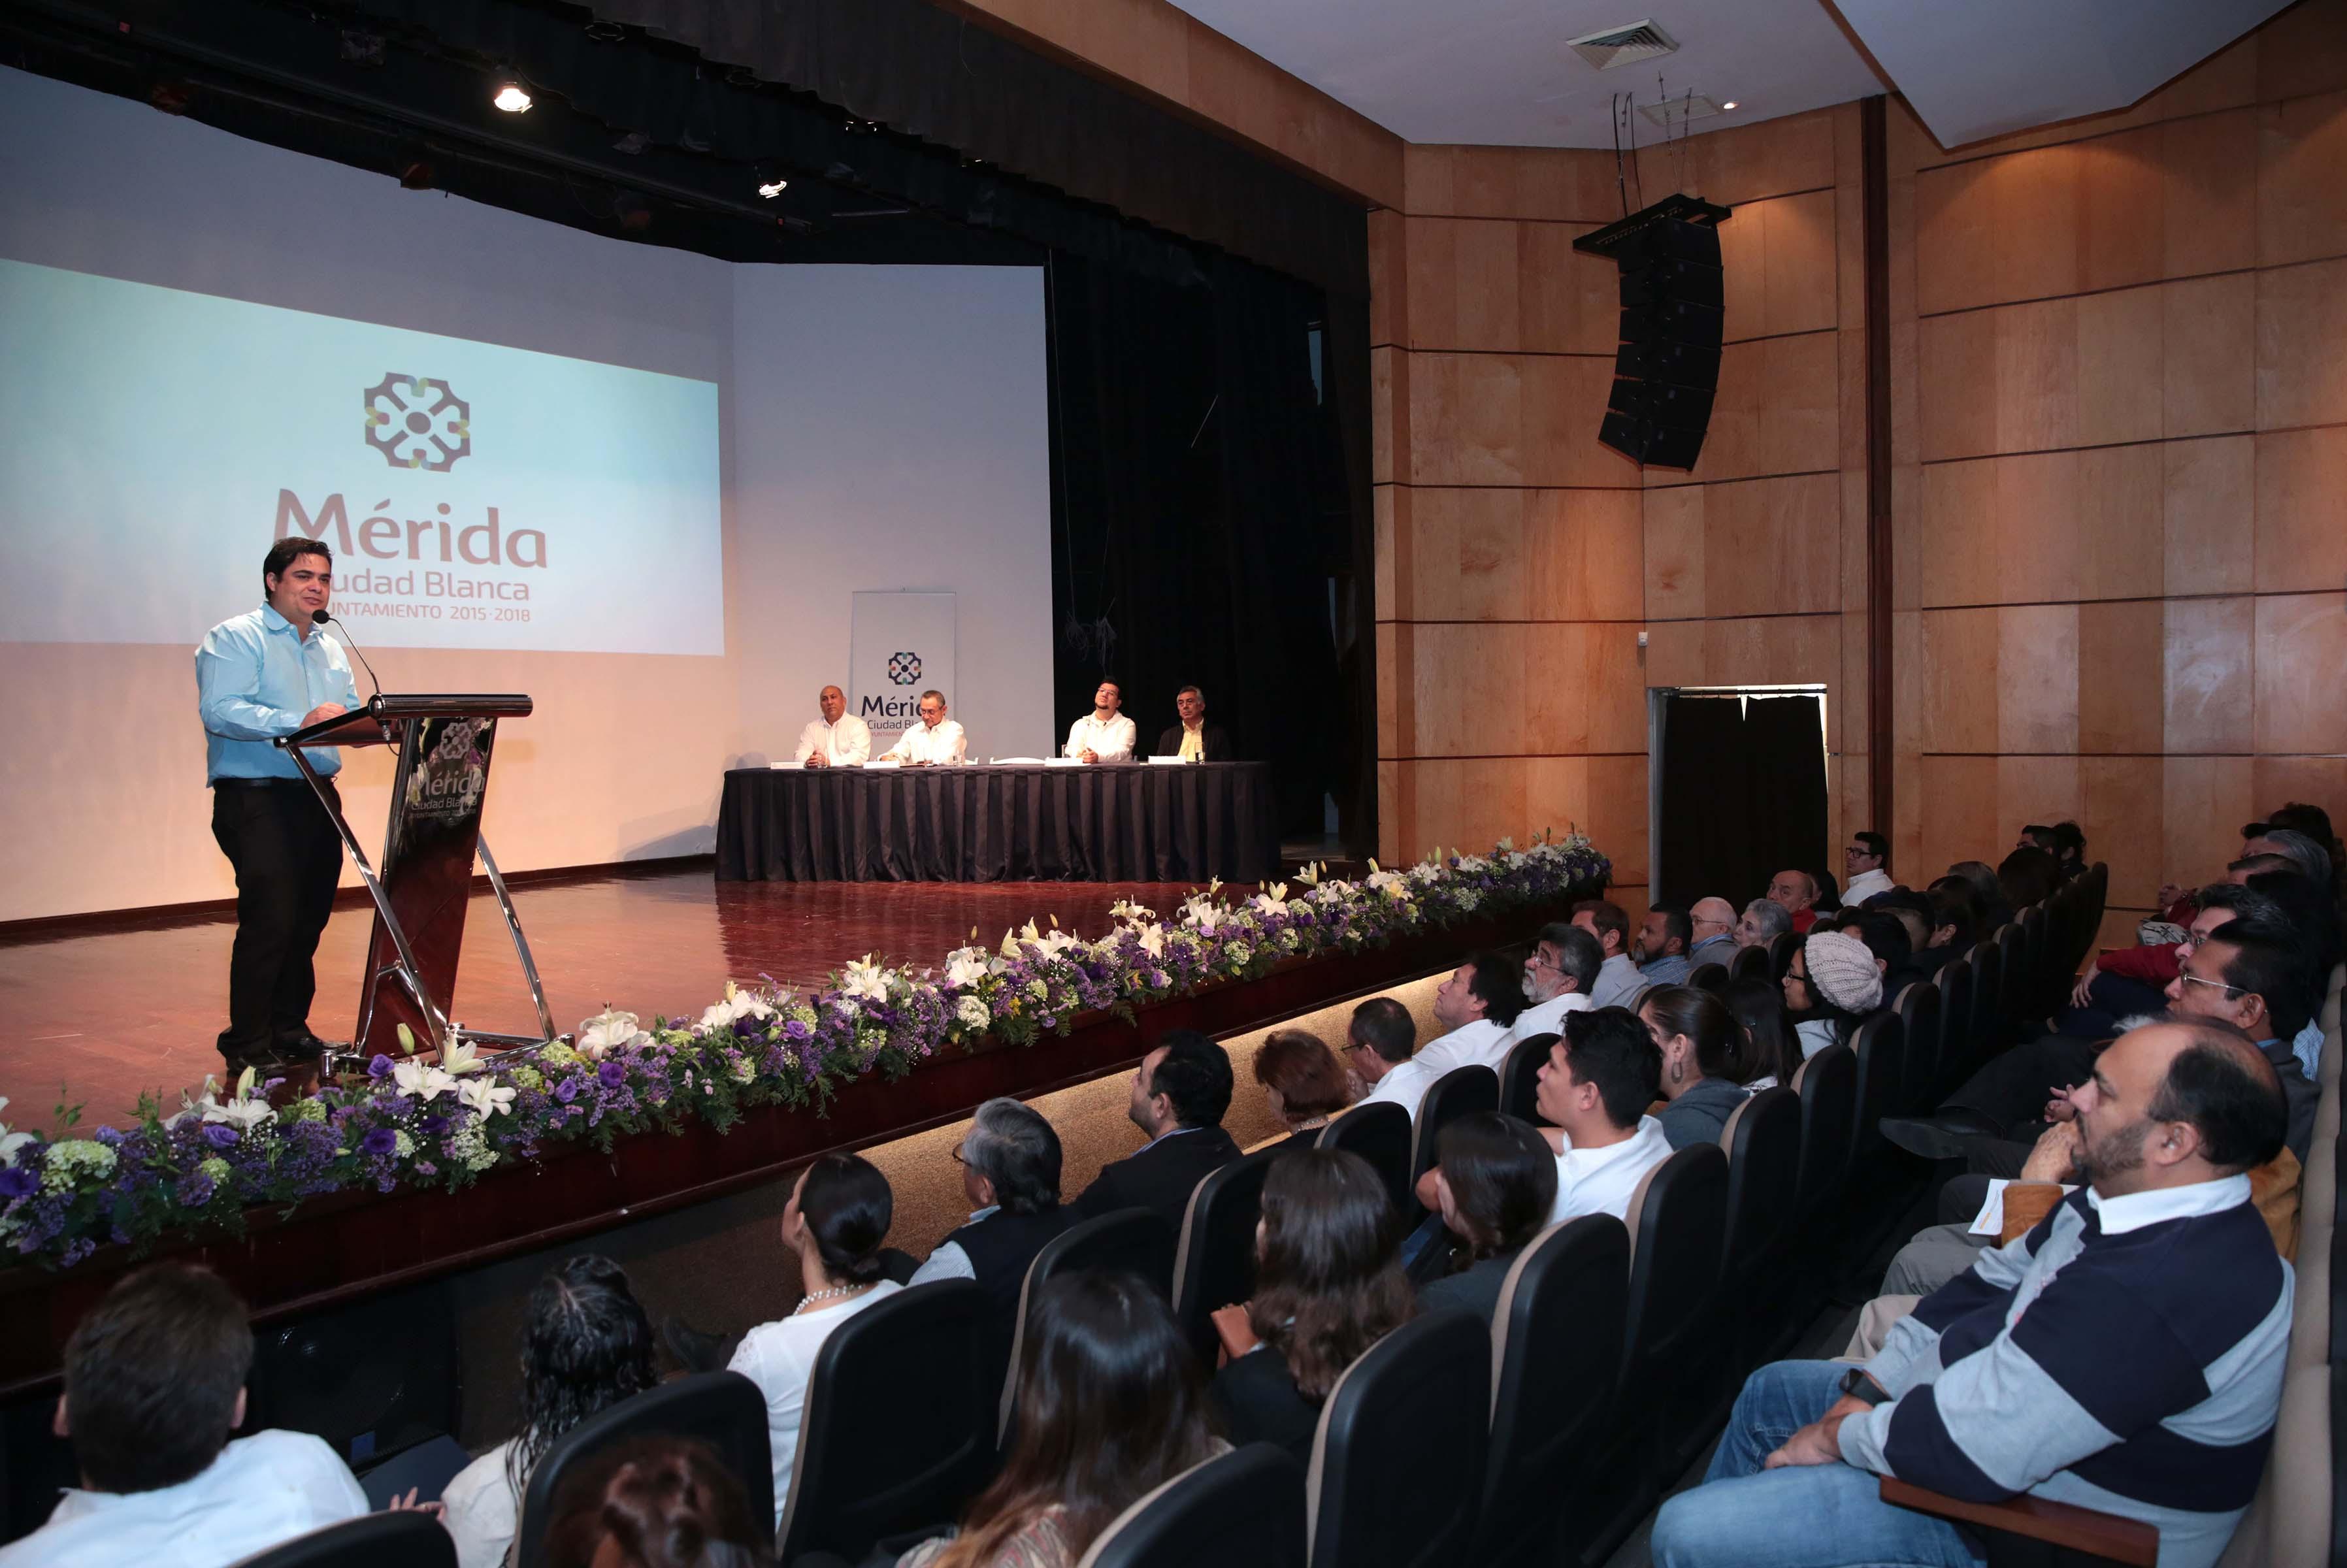 'Preservar la riqueza tangible e intangible de Mérida'